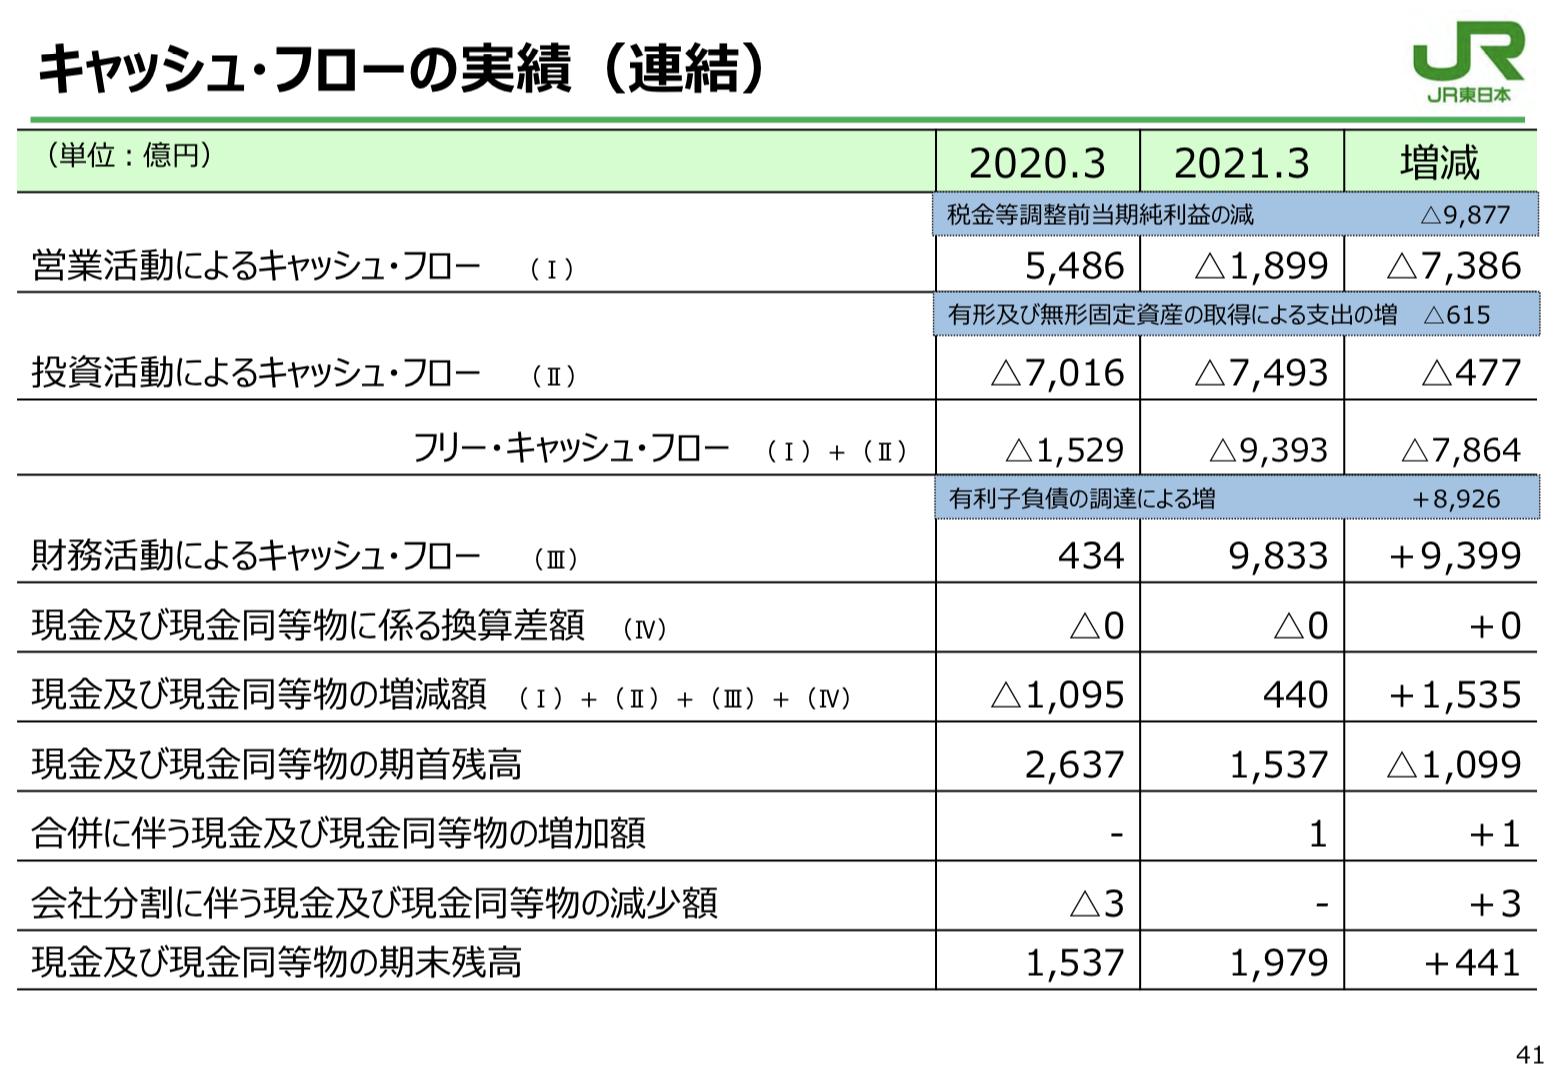 東日本旅客鉄道株式会社 2021年3月期 決算説明会